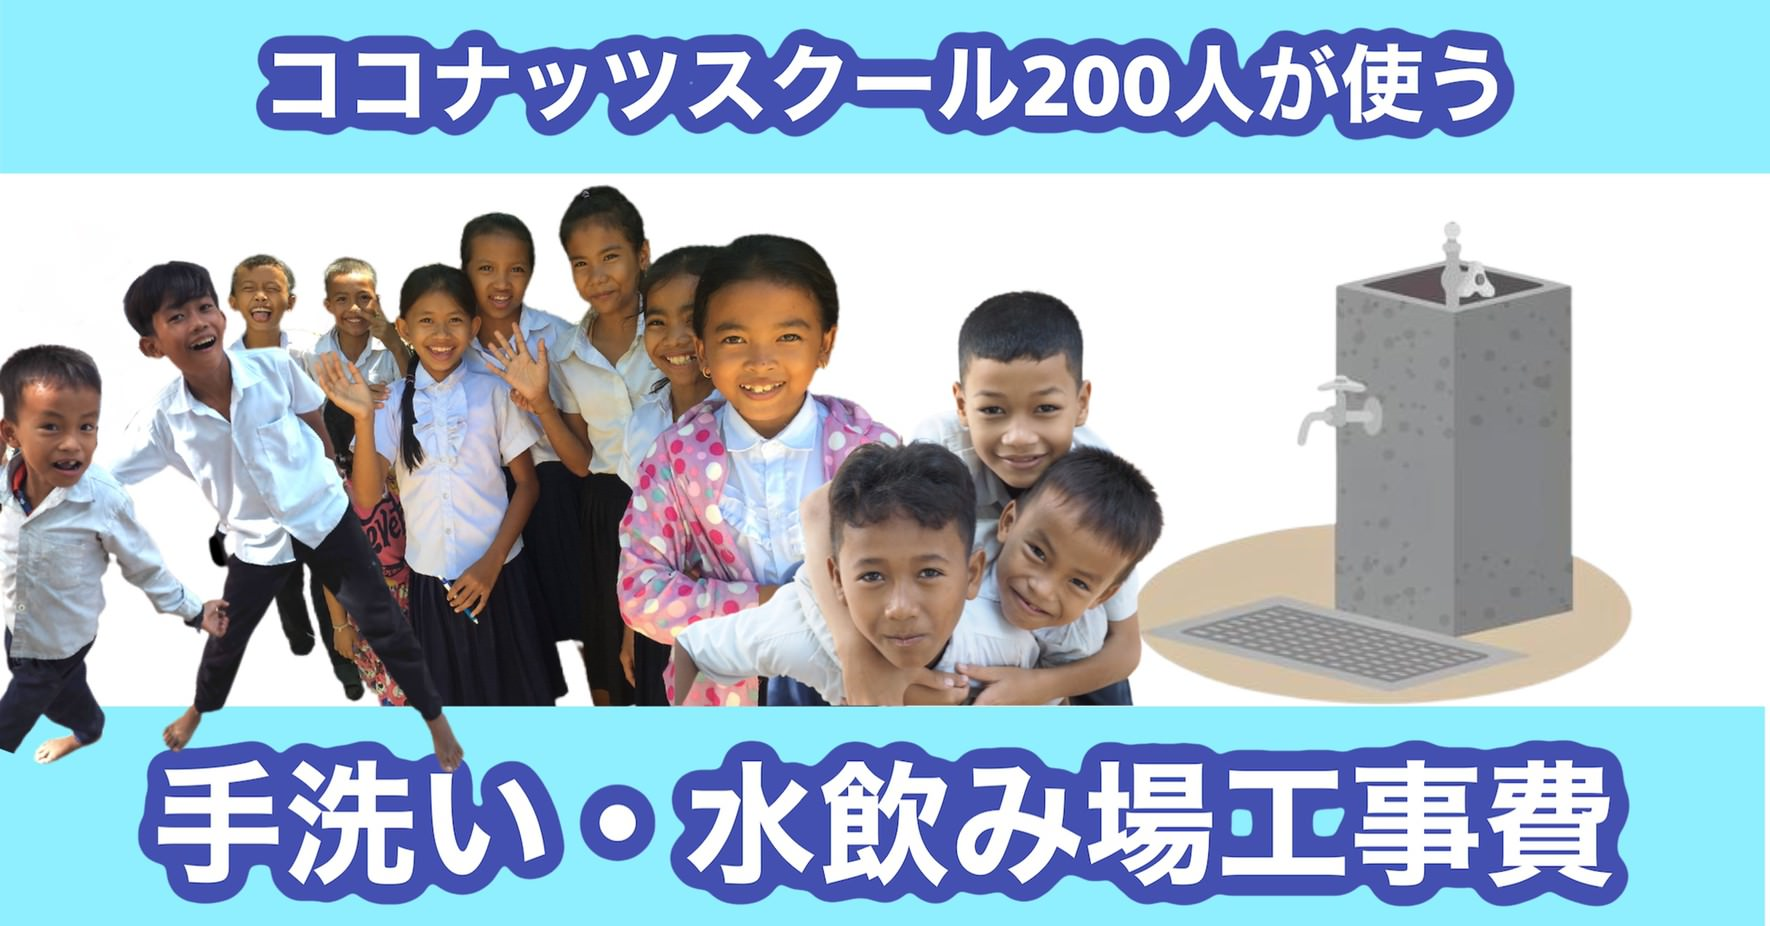 スポット 単発18万円[ココナッツスクール]手洗い&水飲み場